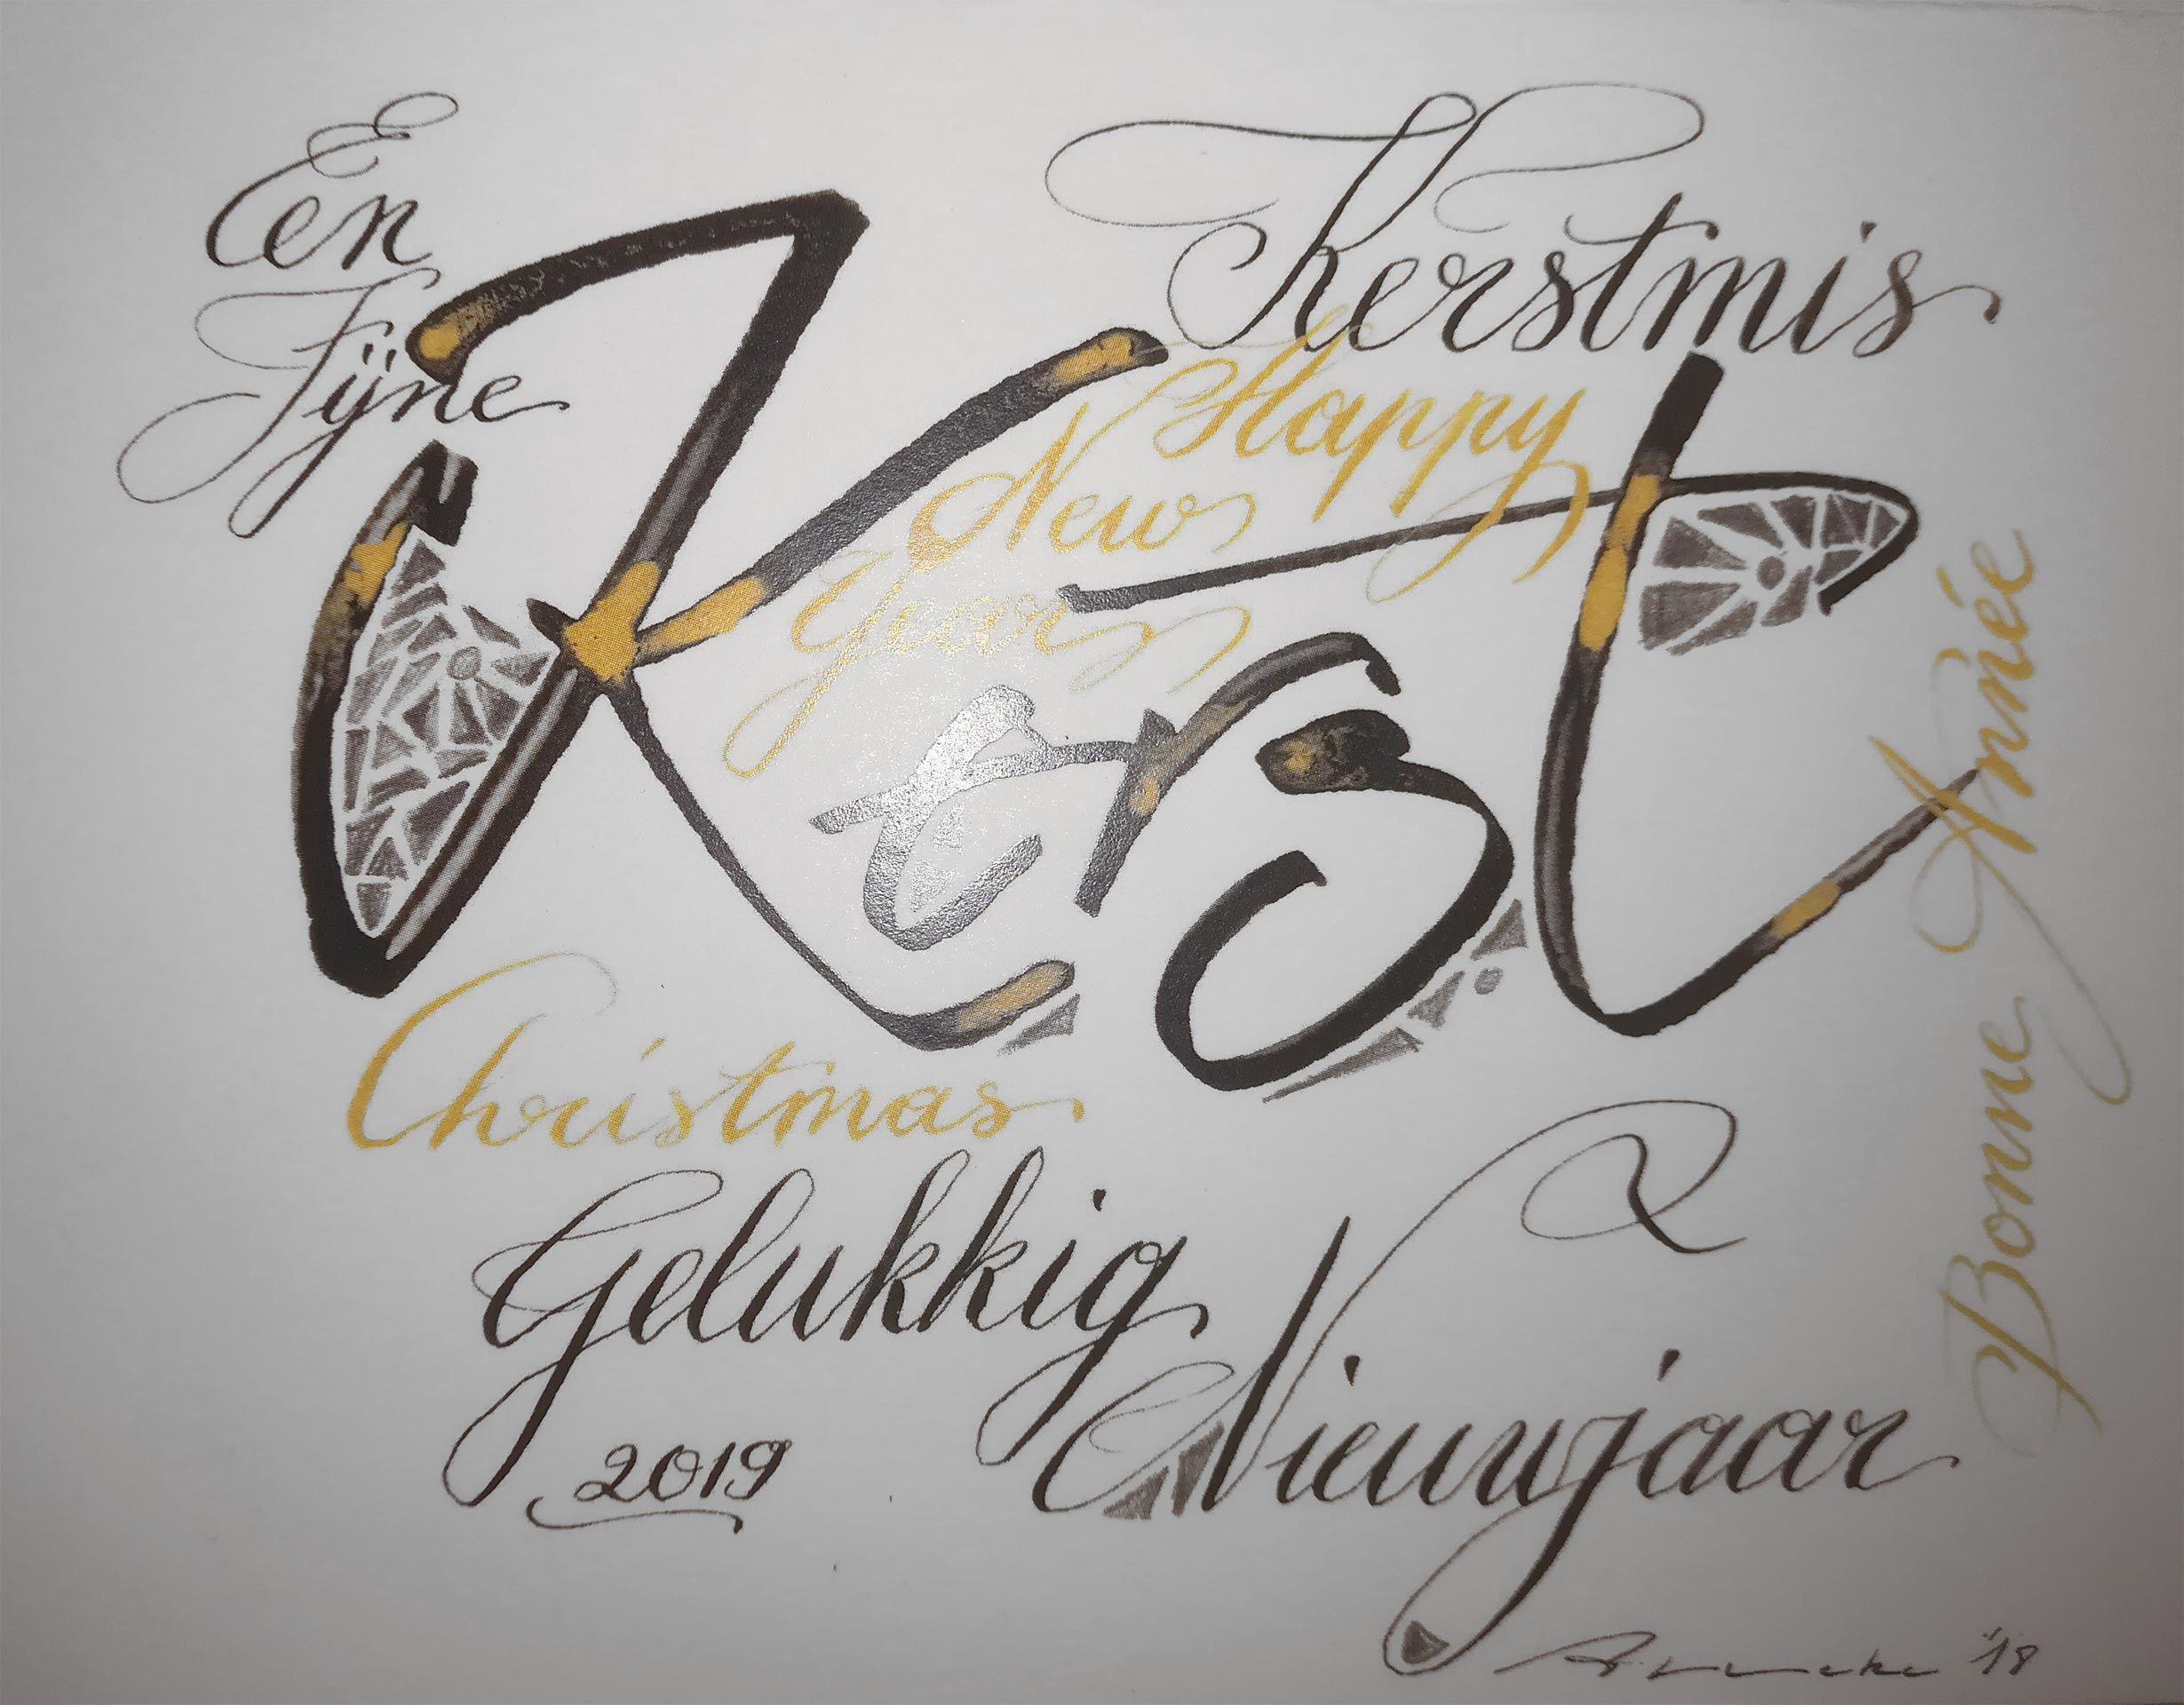 Поздравление с Новым годом и Рождеством от Международной федерации ловли нахлыстом